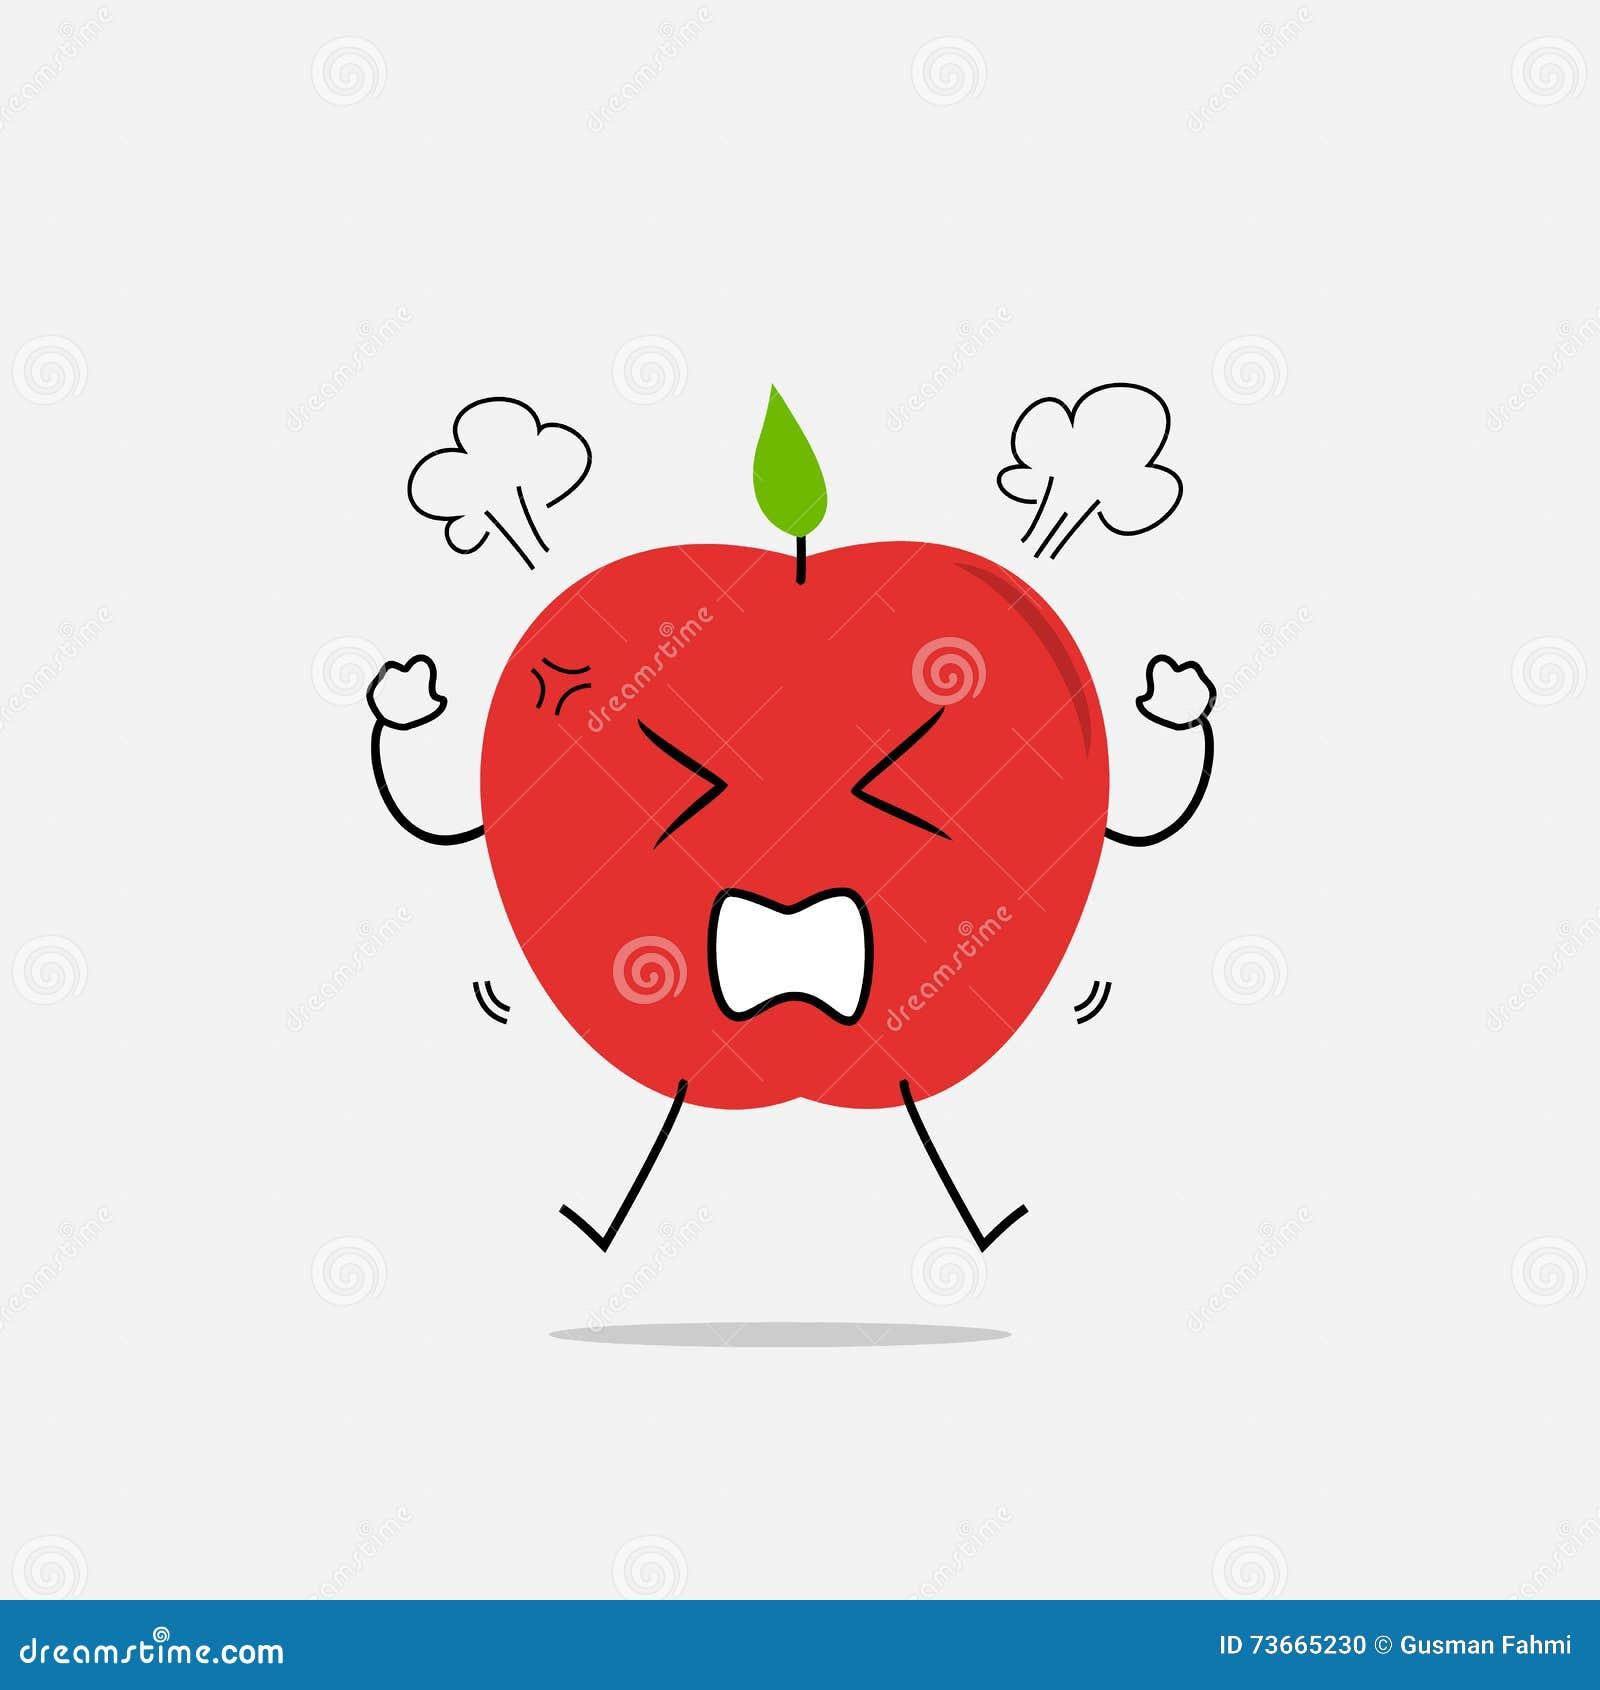 angry apple simple clean cartoon illustration stock vector image angry apple simple clean cartoon illustration